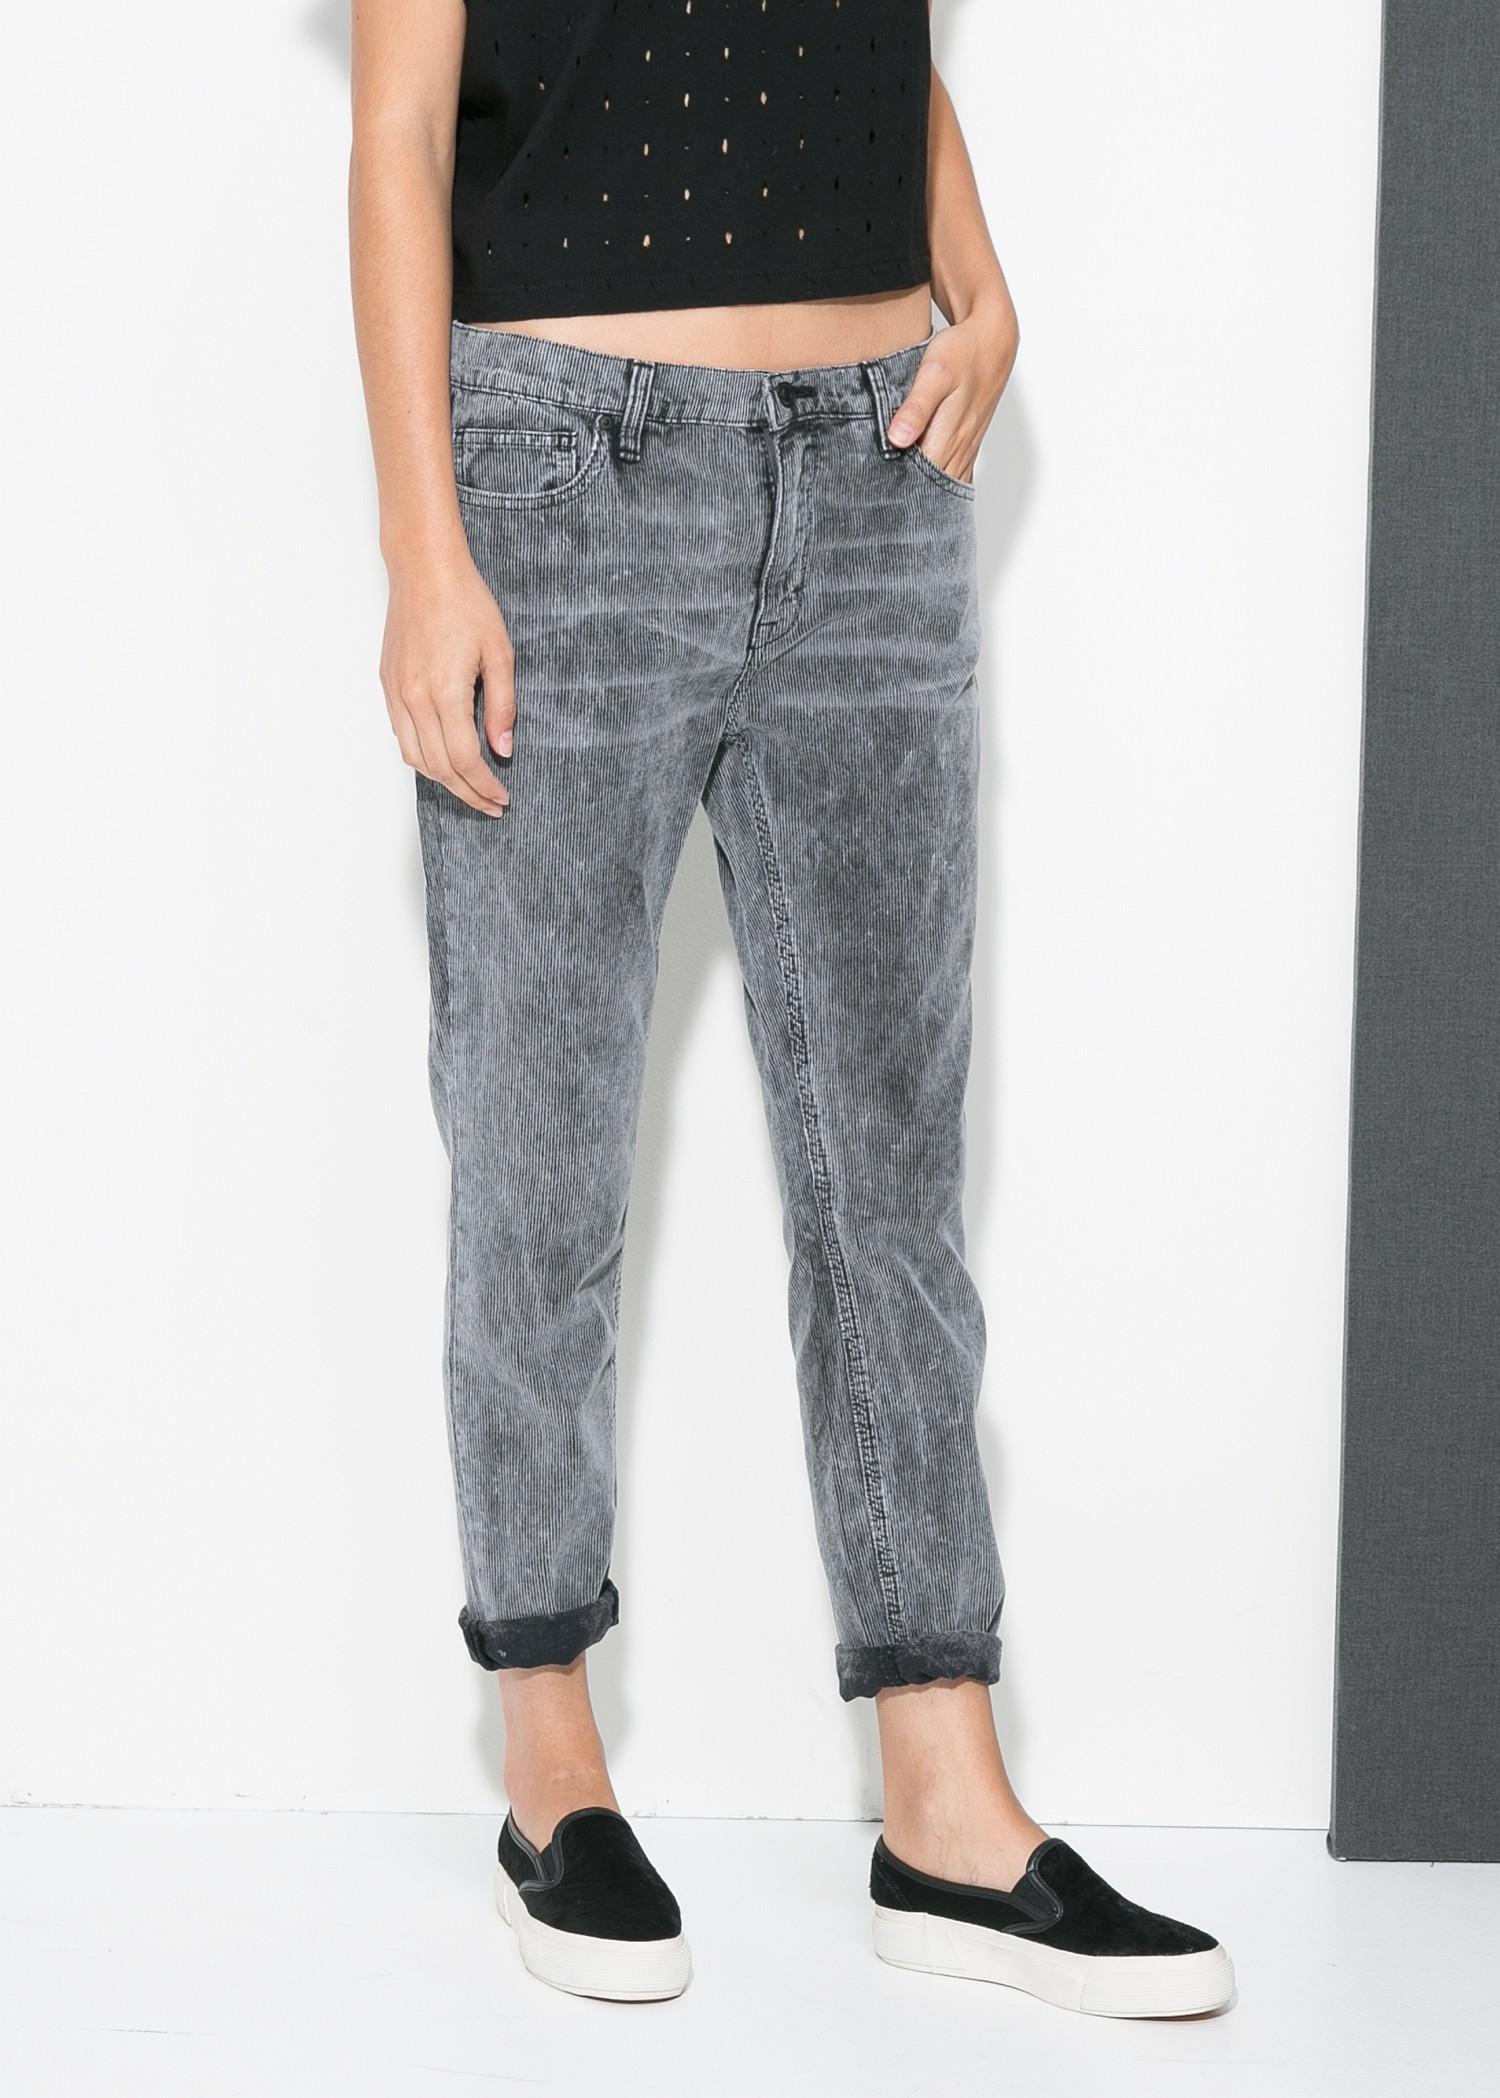 Mango Corduroy Boyfriend Jeans in Gray | Lyst